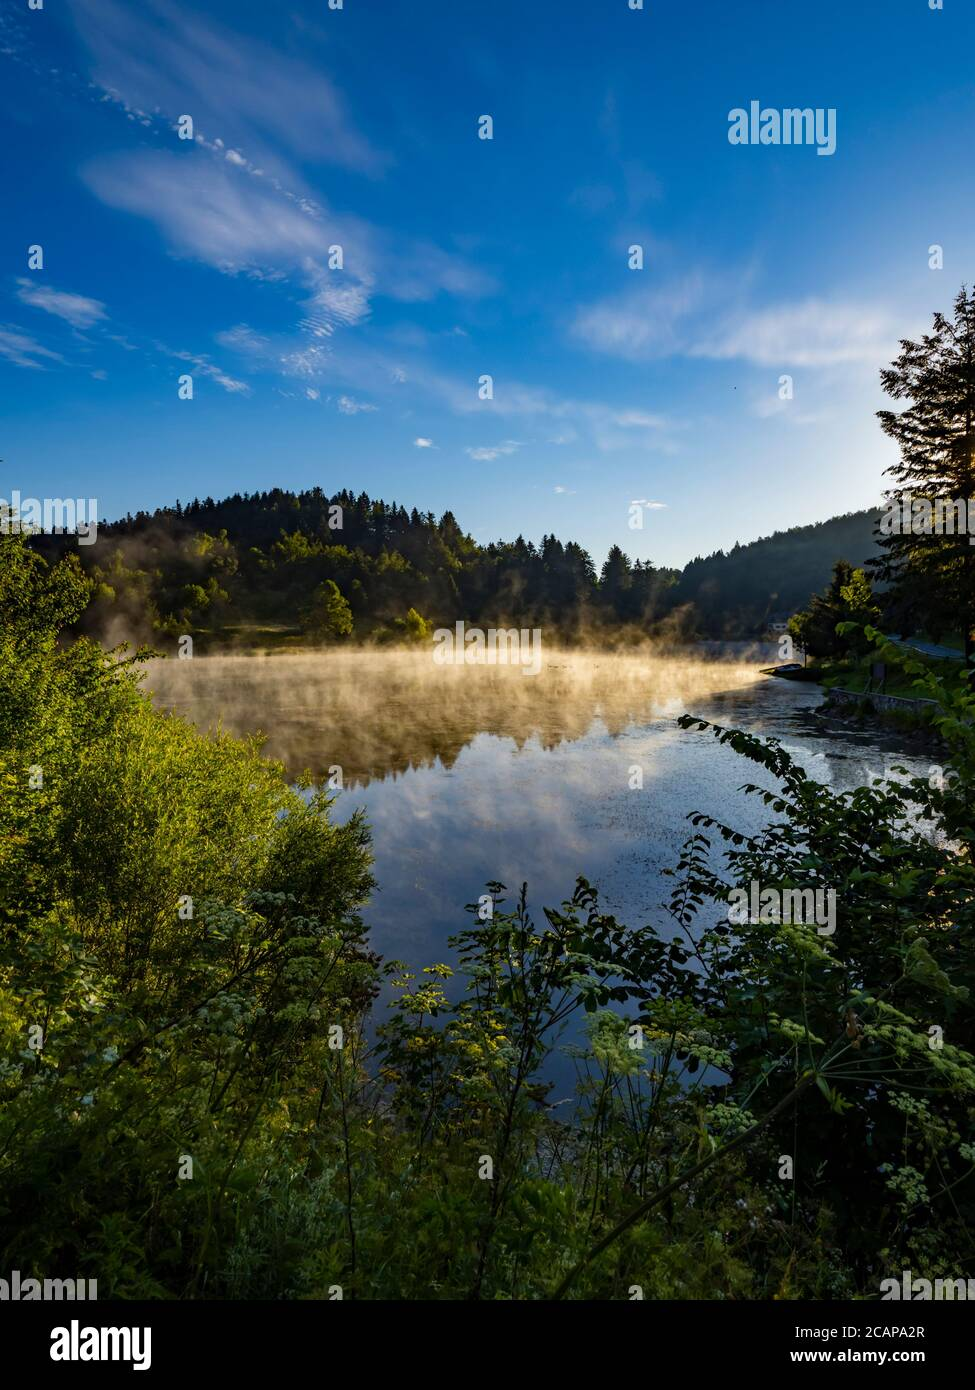 Mañana niebla brillante sobre la superficie del agua del lago Mrzla Vodica en Croacia Europa campo país-lado Foto de stock